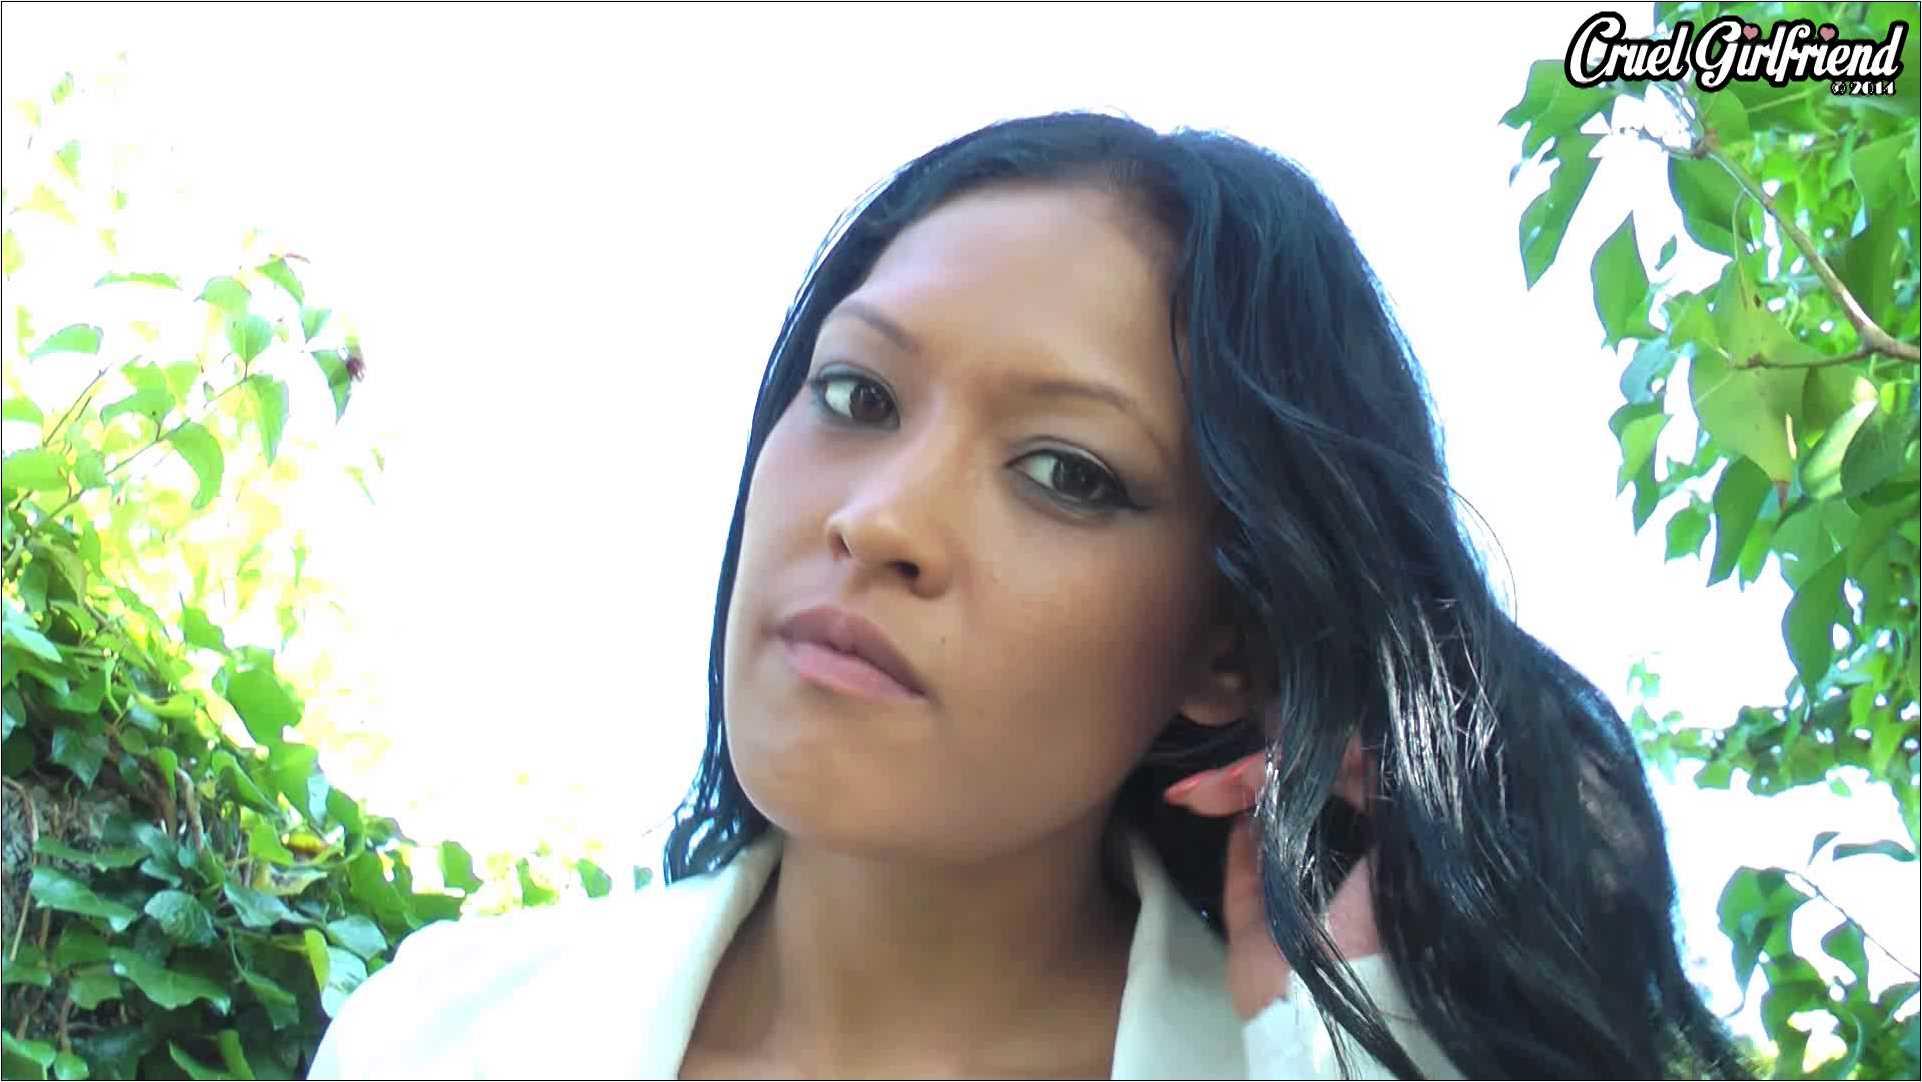 Farina In Scene: Loser Reality Check - CRUELGF - FULL HD/1080p/WMV